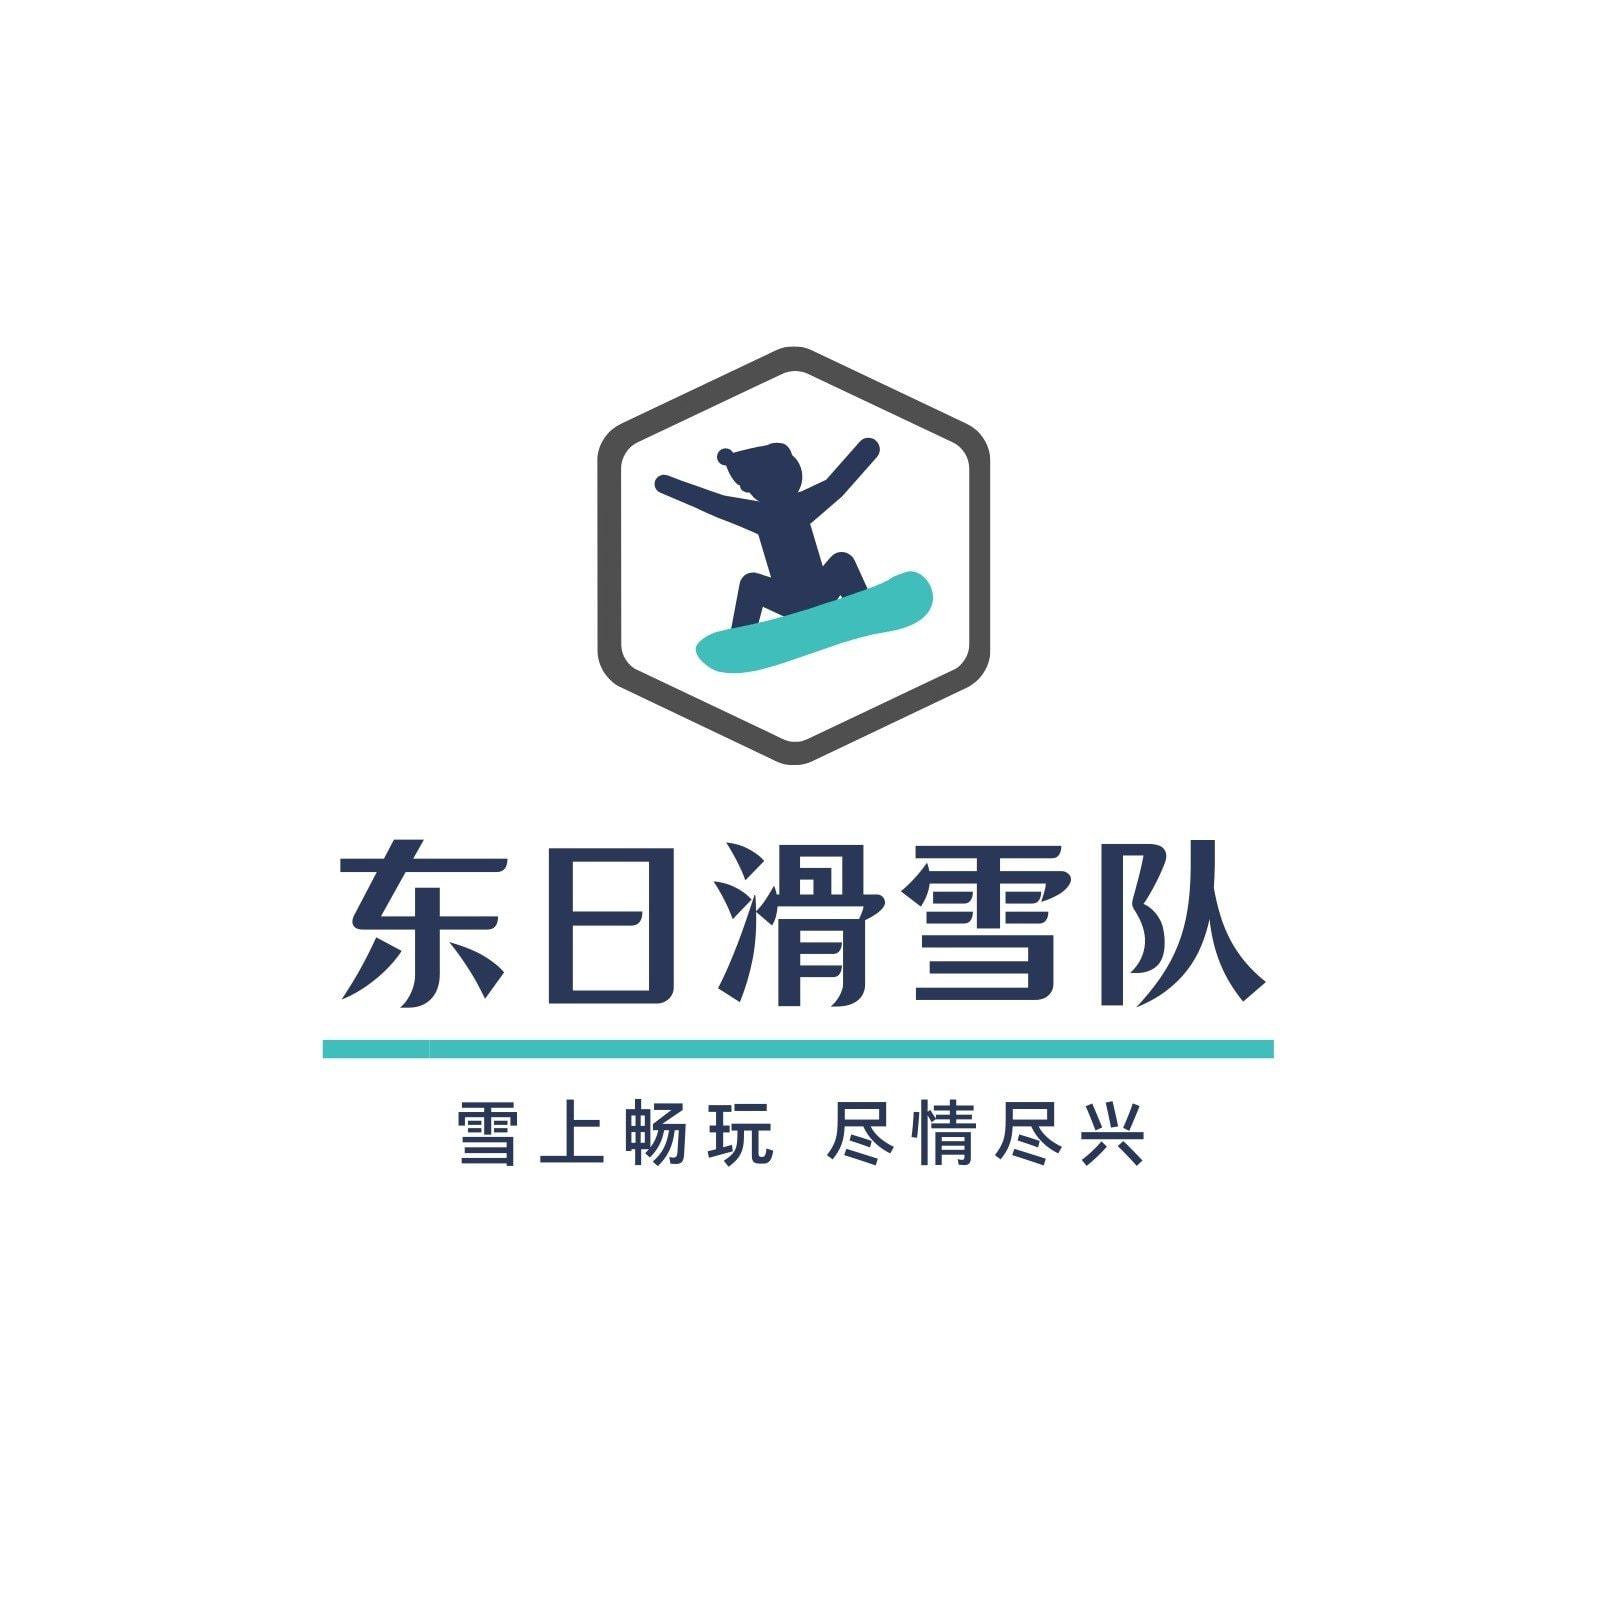 蓝色滑雪队队伍logo